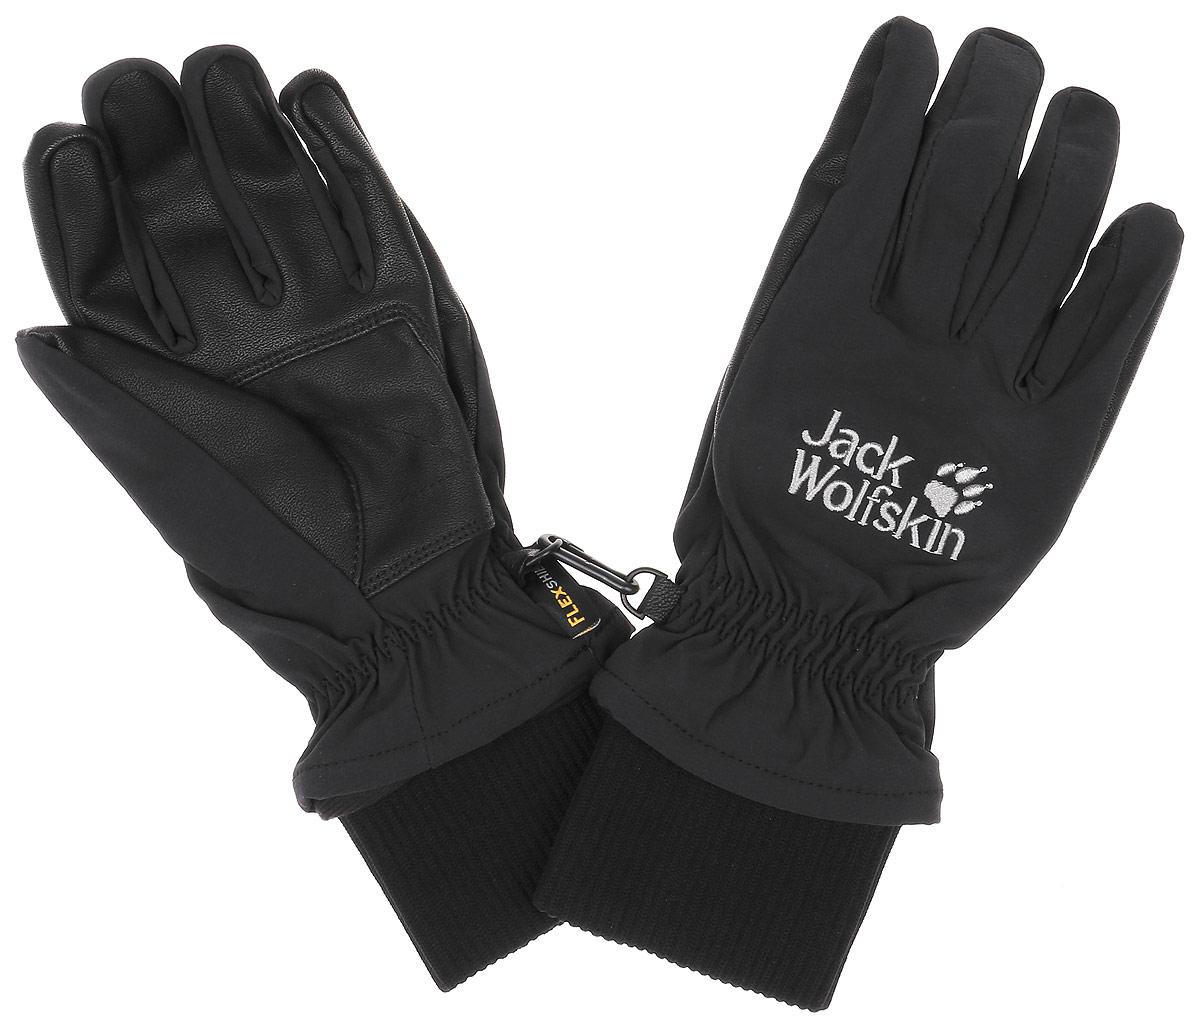 Перчатки Jack Wolfskin Flexshield Basic Glove, цвет: черный. 1906021-6000. Размер L (23,5-25,5)1906021-6000Теплые, хорошо дышащие мужские перчатки Wolfskin Flexshield Basic Glove сохранят тепло и комфорт при ветре и в зимнюю непогоду. Модель выполнена из материала FLEXSHIELD BASIC GLOVE - софтшелл для холодного времени года. Они обладают водостойкими и непродуваемыми свойствами и особенно хорошо дышат, чтобы ваши руки оставались на улице сухими и теплыми. Перчатки изготовлены из биэластичного материала, поэтому они повторяют все ваши движения и подойдут для любого активного похода.Внутренняя сторона модели выполнена из теплой подкладки с функцией регулирования влажности, обеспечивающую дополнительное тепло. Дополнена модель фирменной нашивкой с названием бренда.